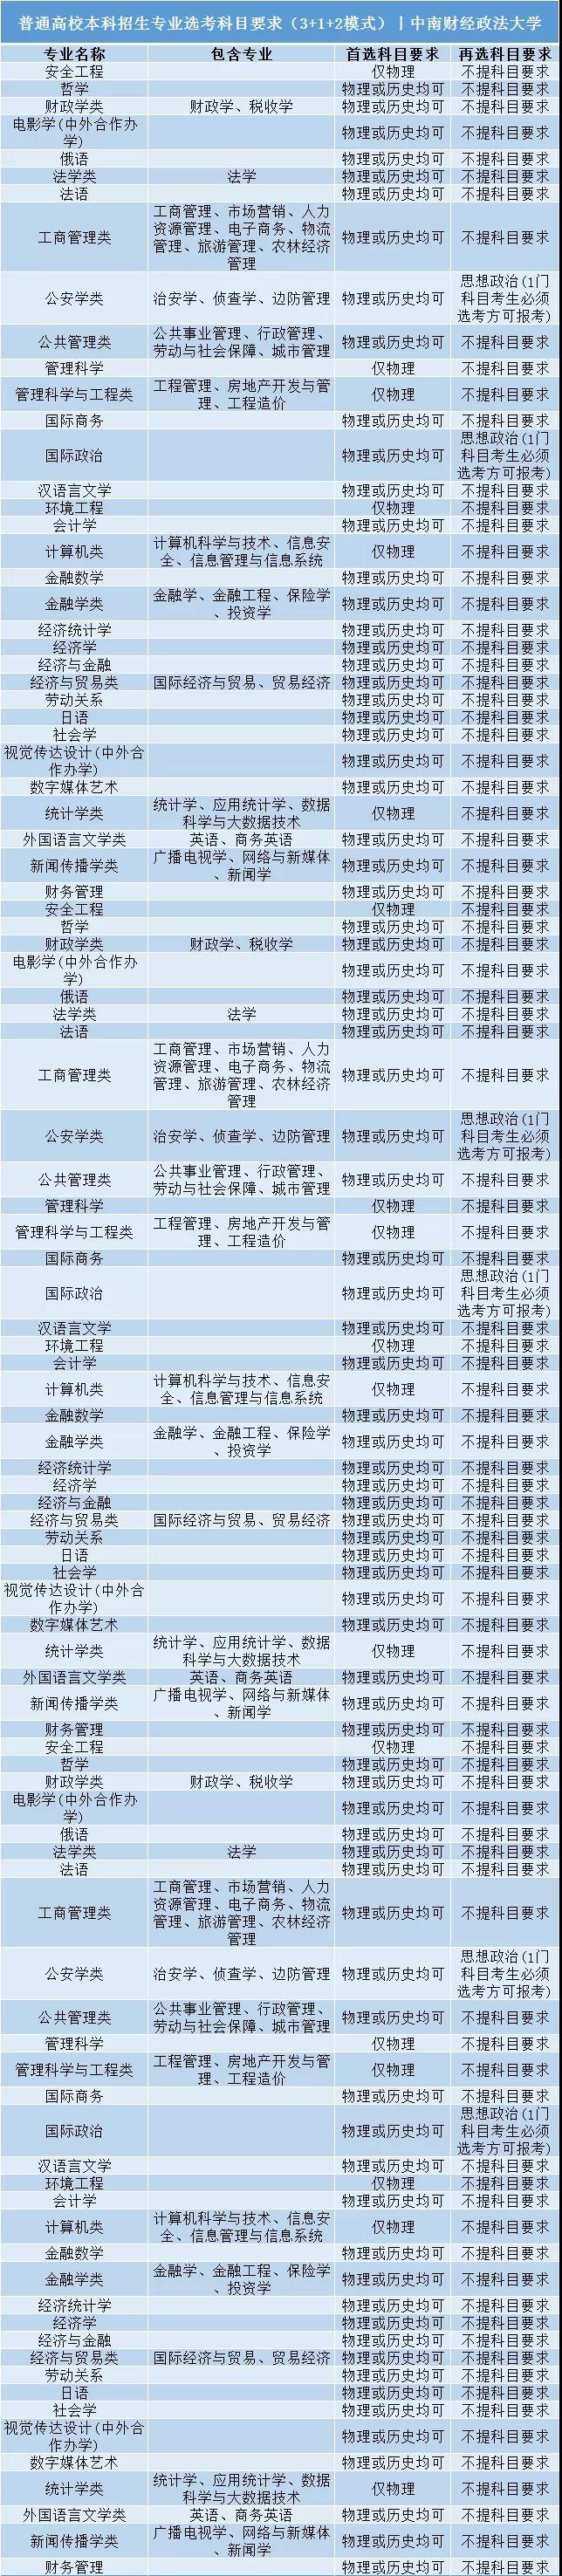 中南财经政法大学普通高校本科招生专业选考科目要求3+1+2模式